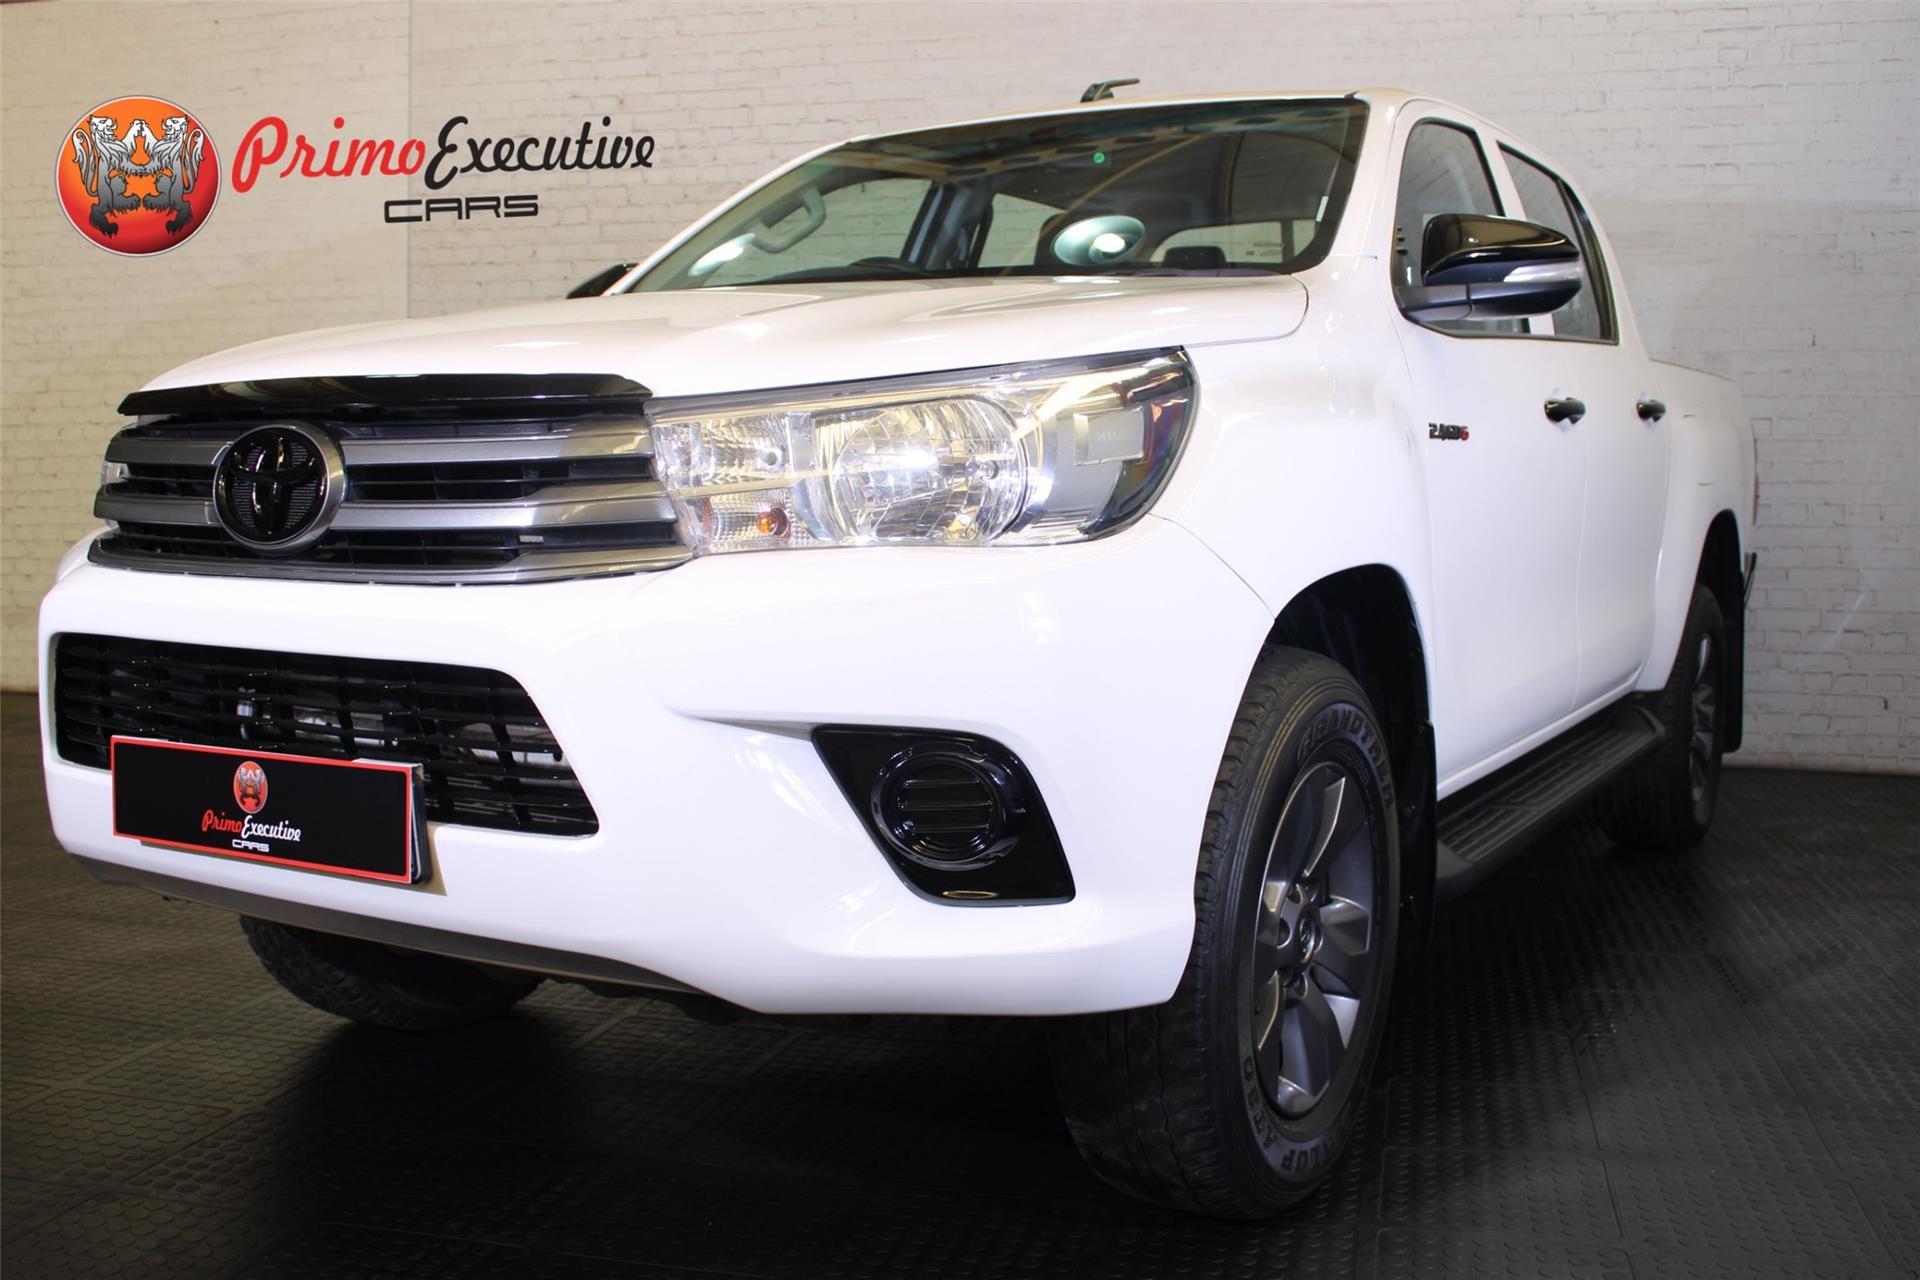 Toyota Hilux 2.4GD-6 double cab SRX